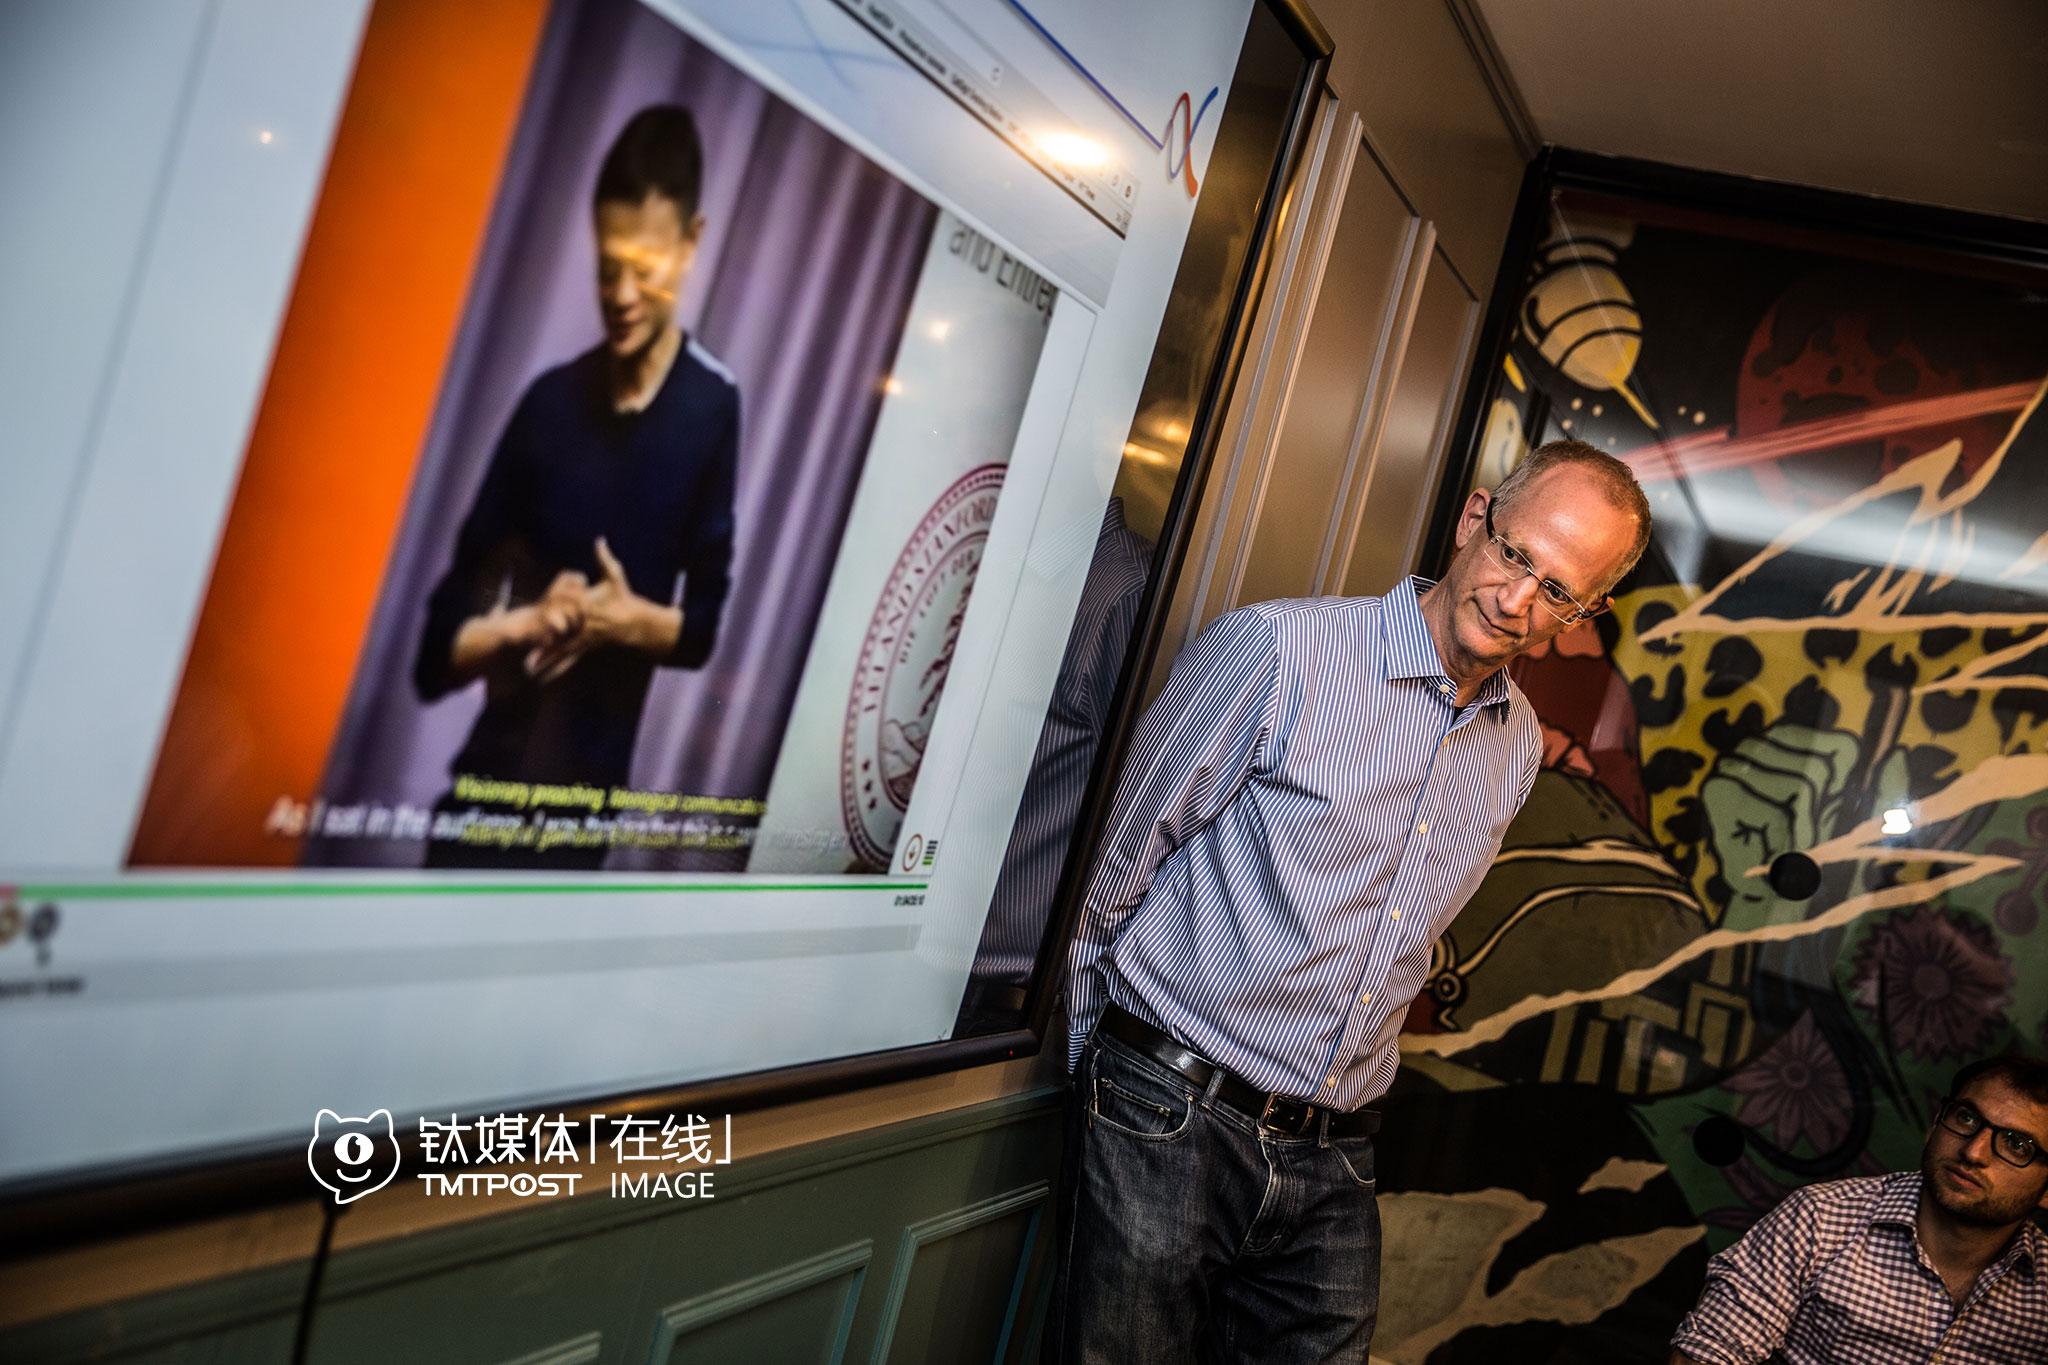 """语音情绪分析公司BEYOND VERBAL的CEO Yuval Mor曾在以色列精锐情报机构8200服役。Yuval 表示,他的团队开发的算法,可以通过人的语音来分析人的情绪、性格,识别情绪的细微变化。在一场针对中国考察团的路演中,Yuval准备了一段马云的演讲,现场通过软件进行情绪分析。""""我们已经有200万条声音样本,涵盖包括汉语在内的多种语言"""",Yuval介绍,这项研究早在20多年前就开始了。"""